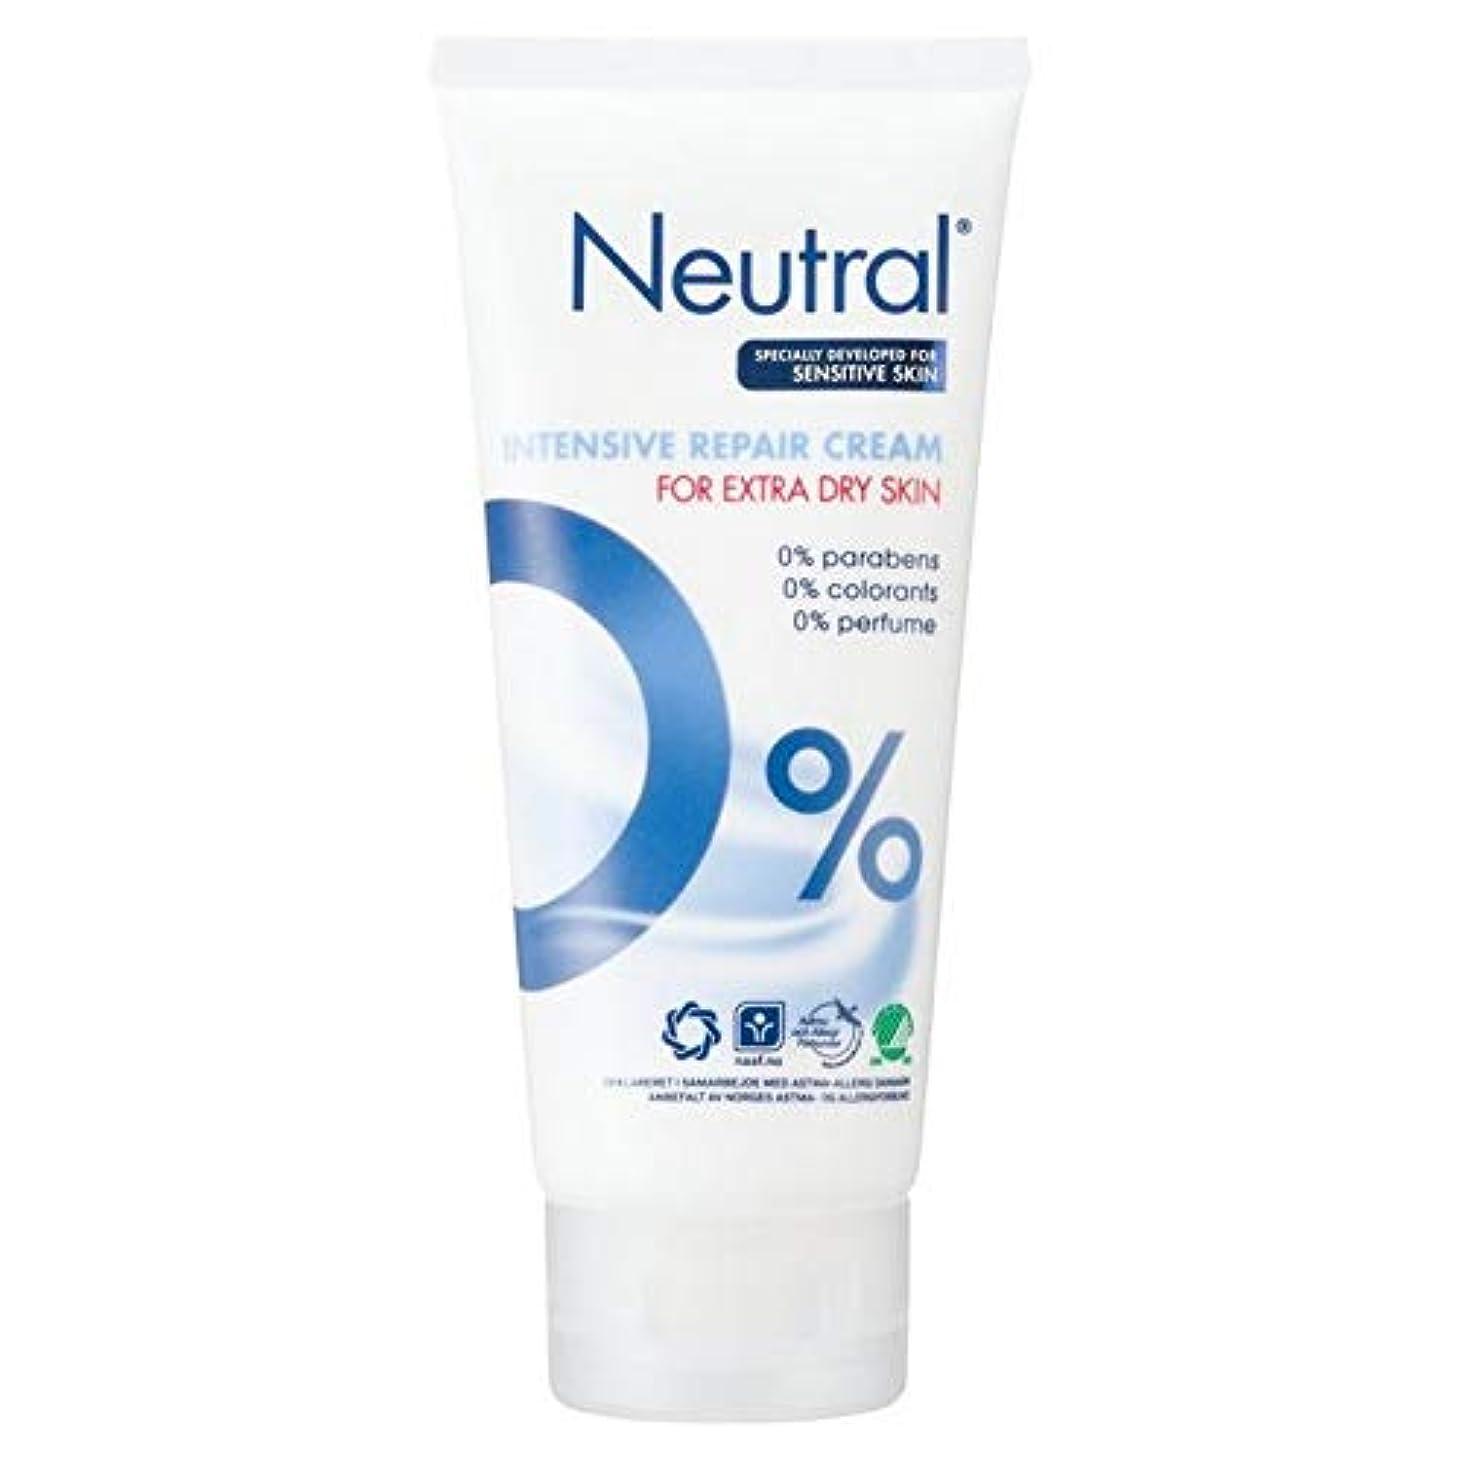 呪われたおばさん数学的な[Neutral ] ニュートラル0%の集中リペアクリーム100ミリリットル - Neutral 0% Intensive Repair Cream 100ml [並行輸入品]